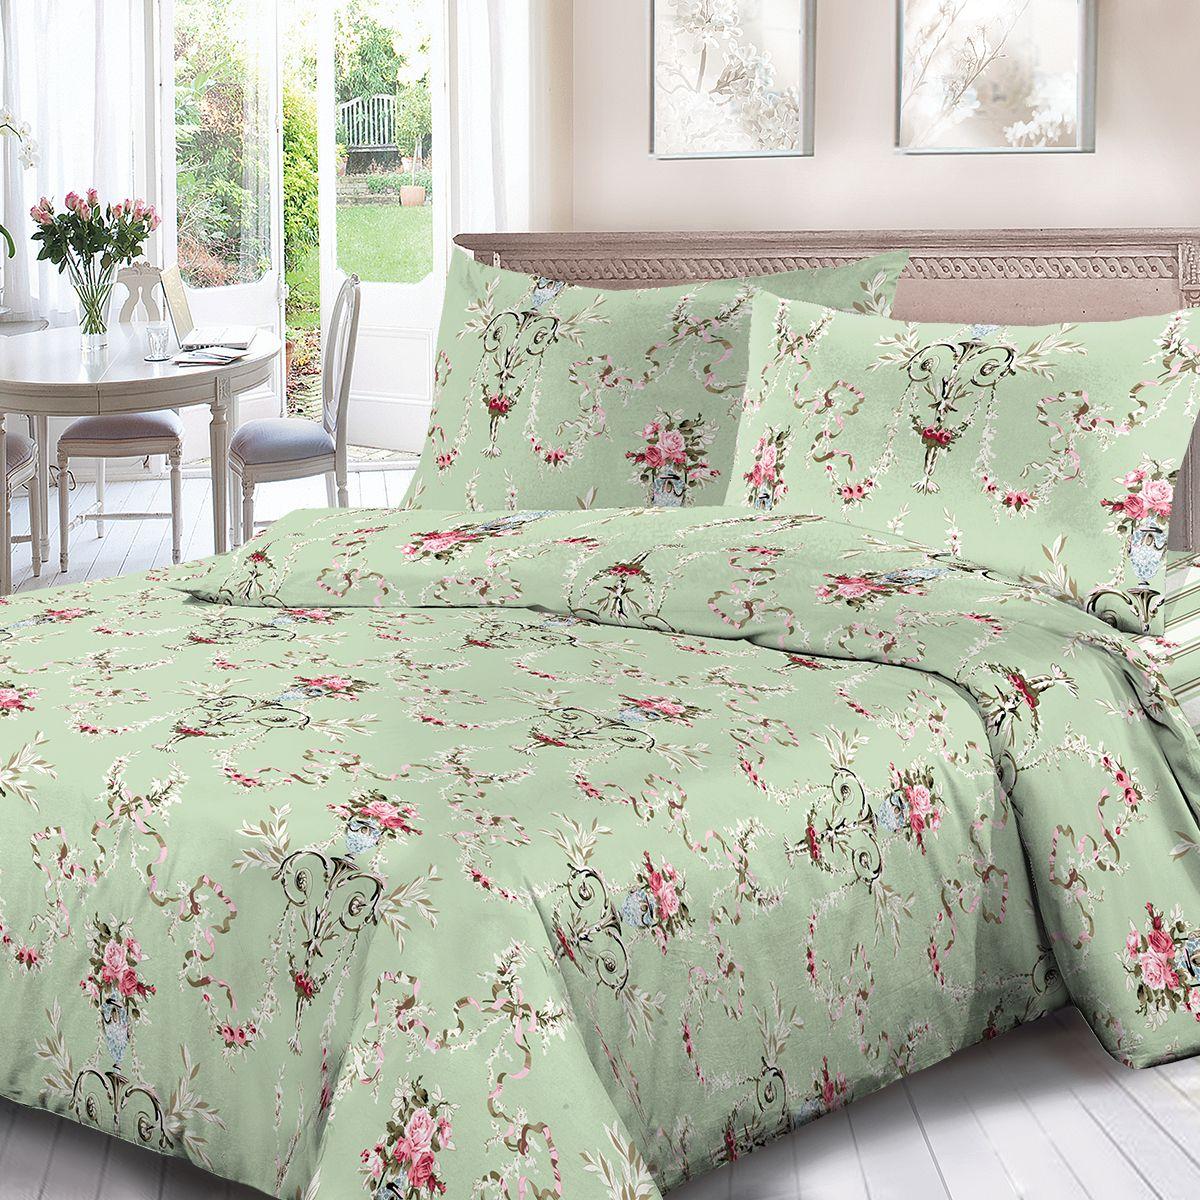 Комплект белья Для Снов Катарина, семейный, наволочки 70x70, цвет: зеленый. 1841-286469